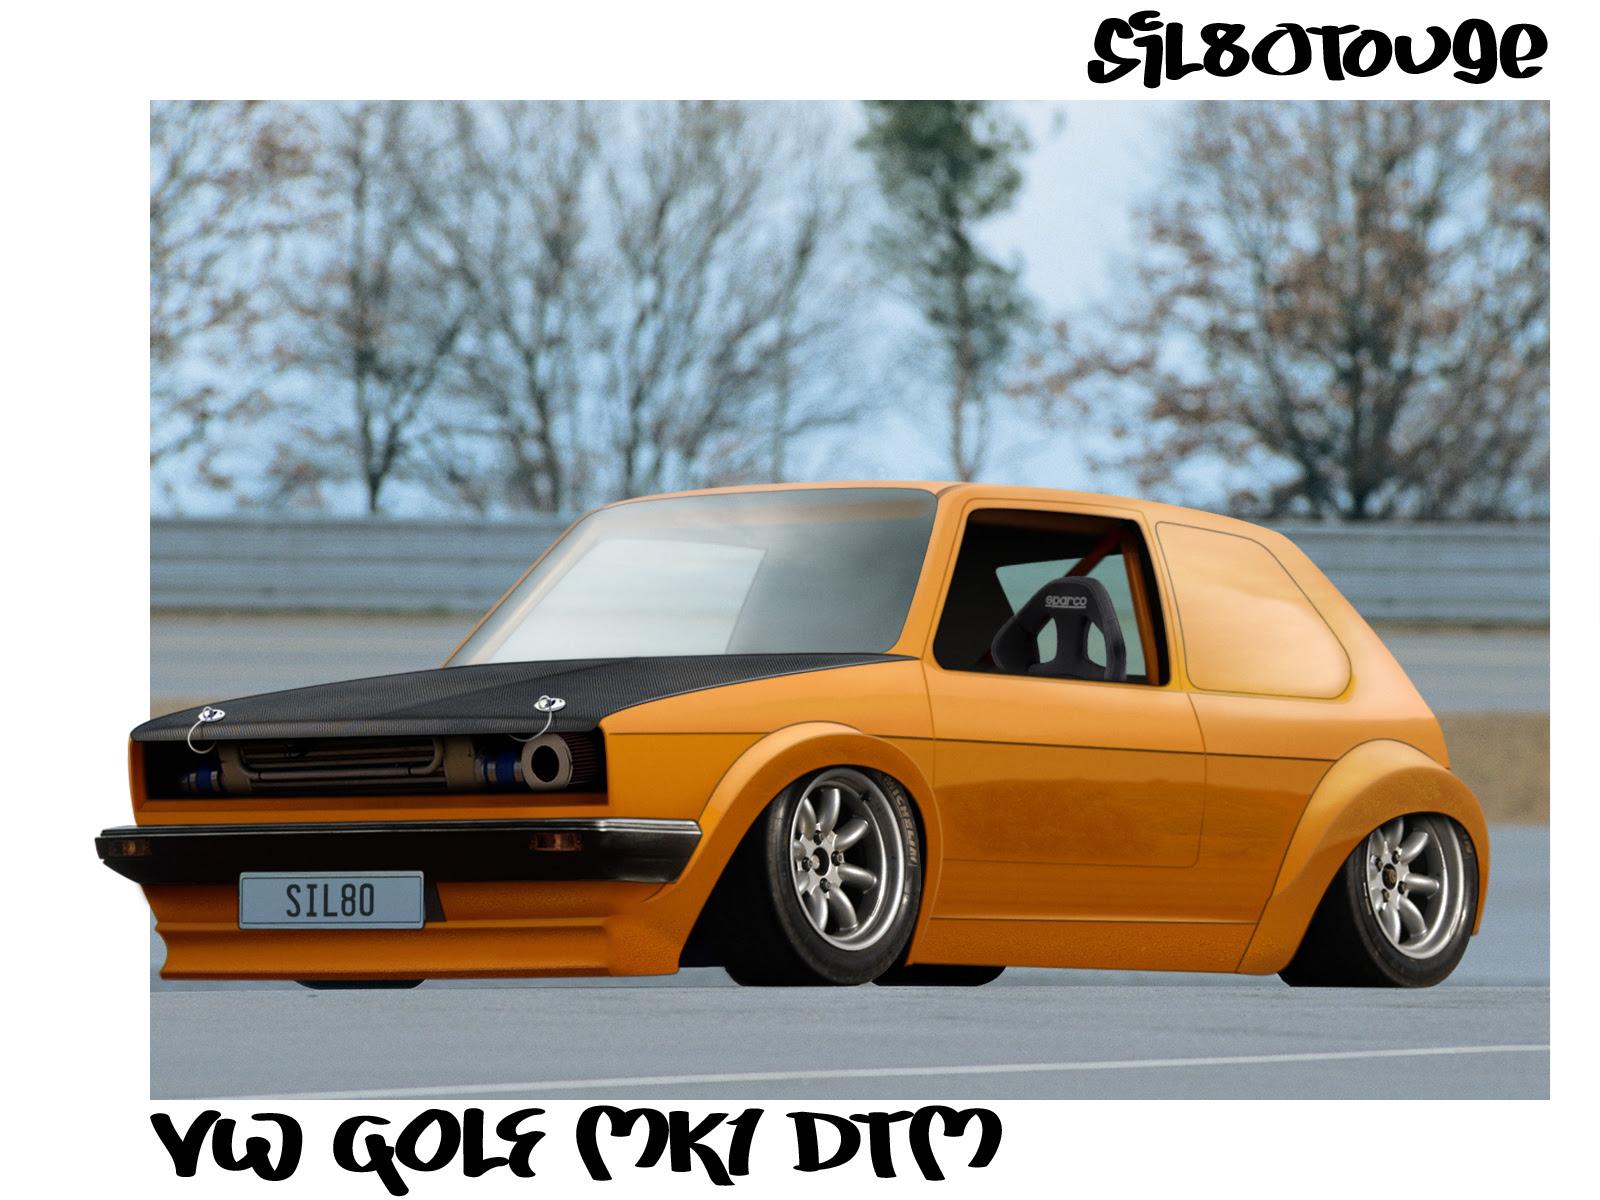 VW GOLF MK1 DTM by ~sil80touge